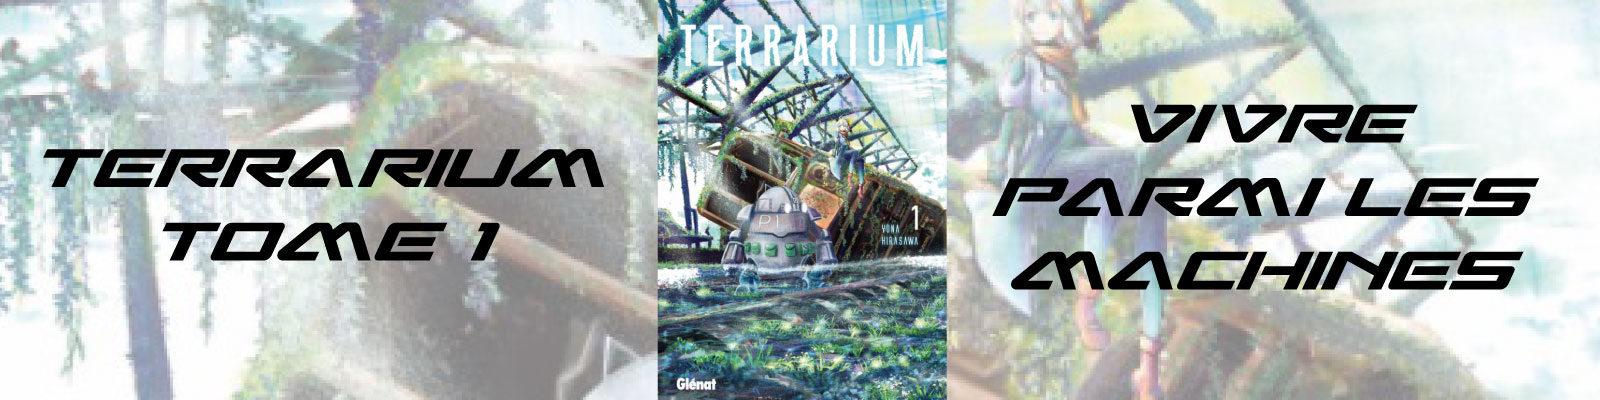 Terrarium-Vol.-1